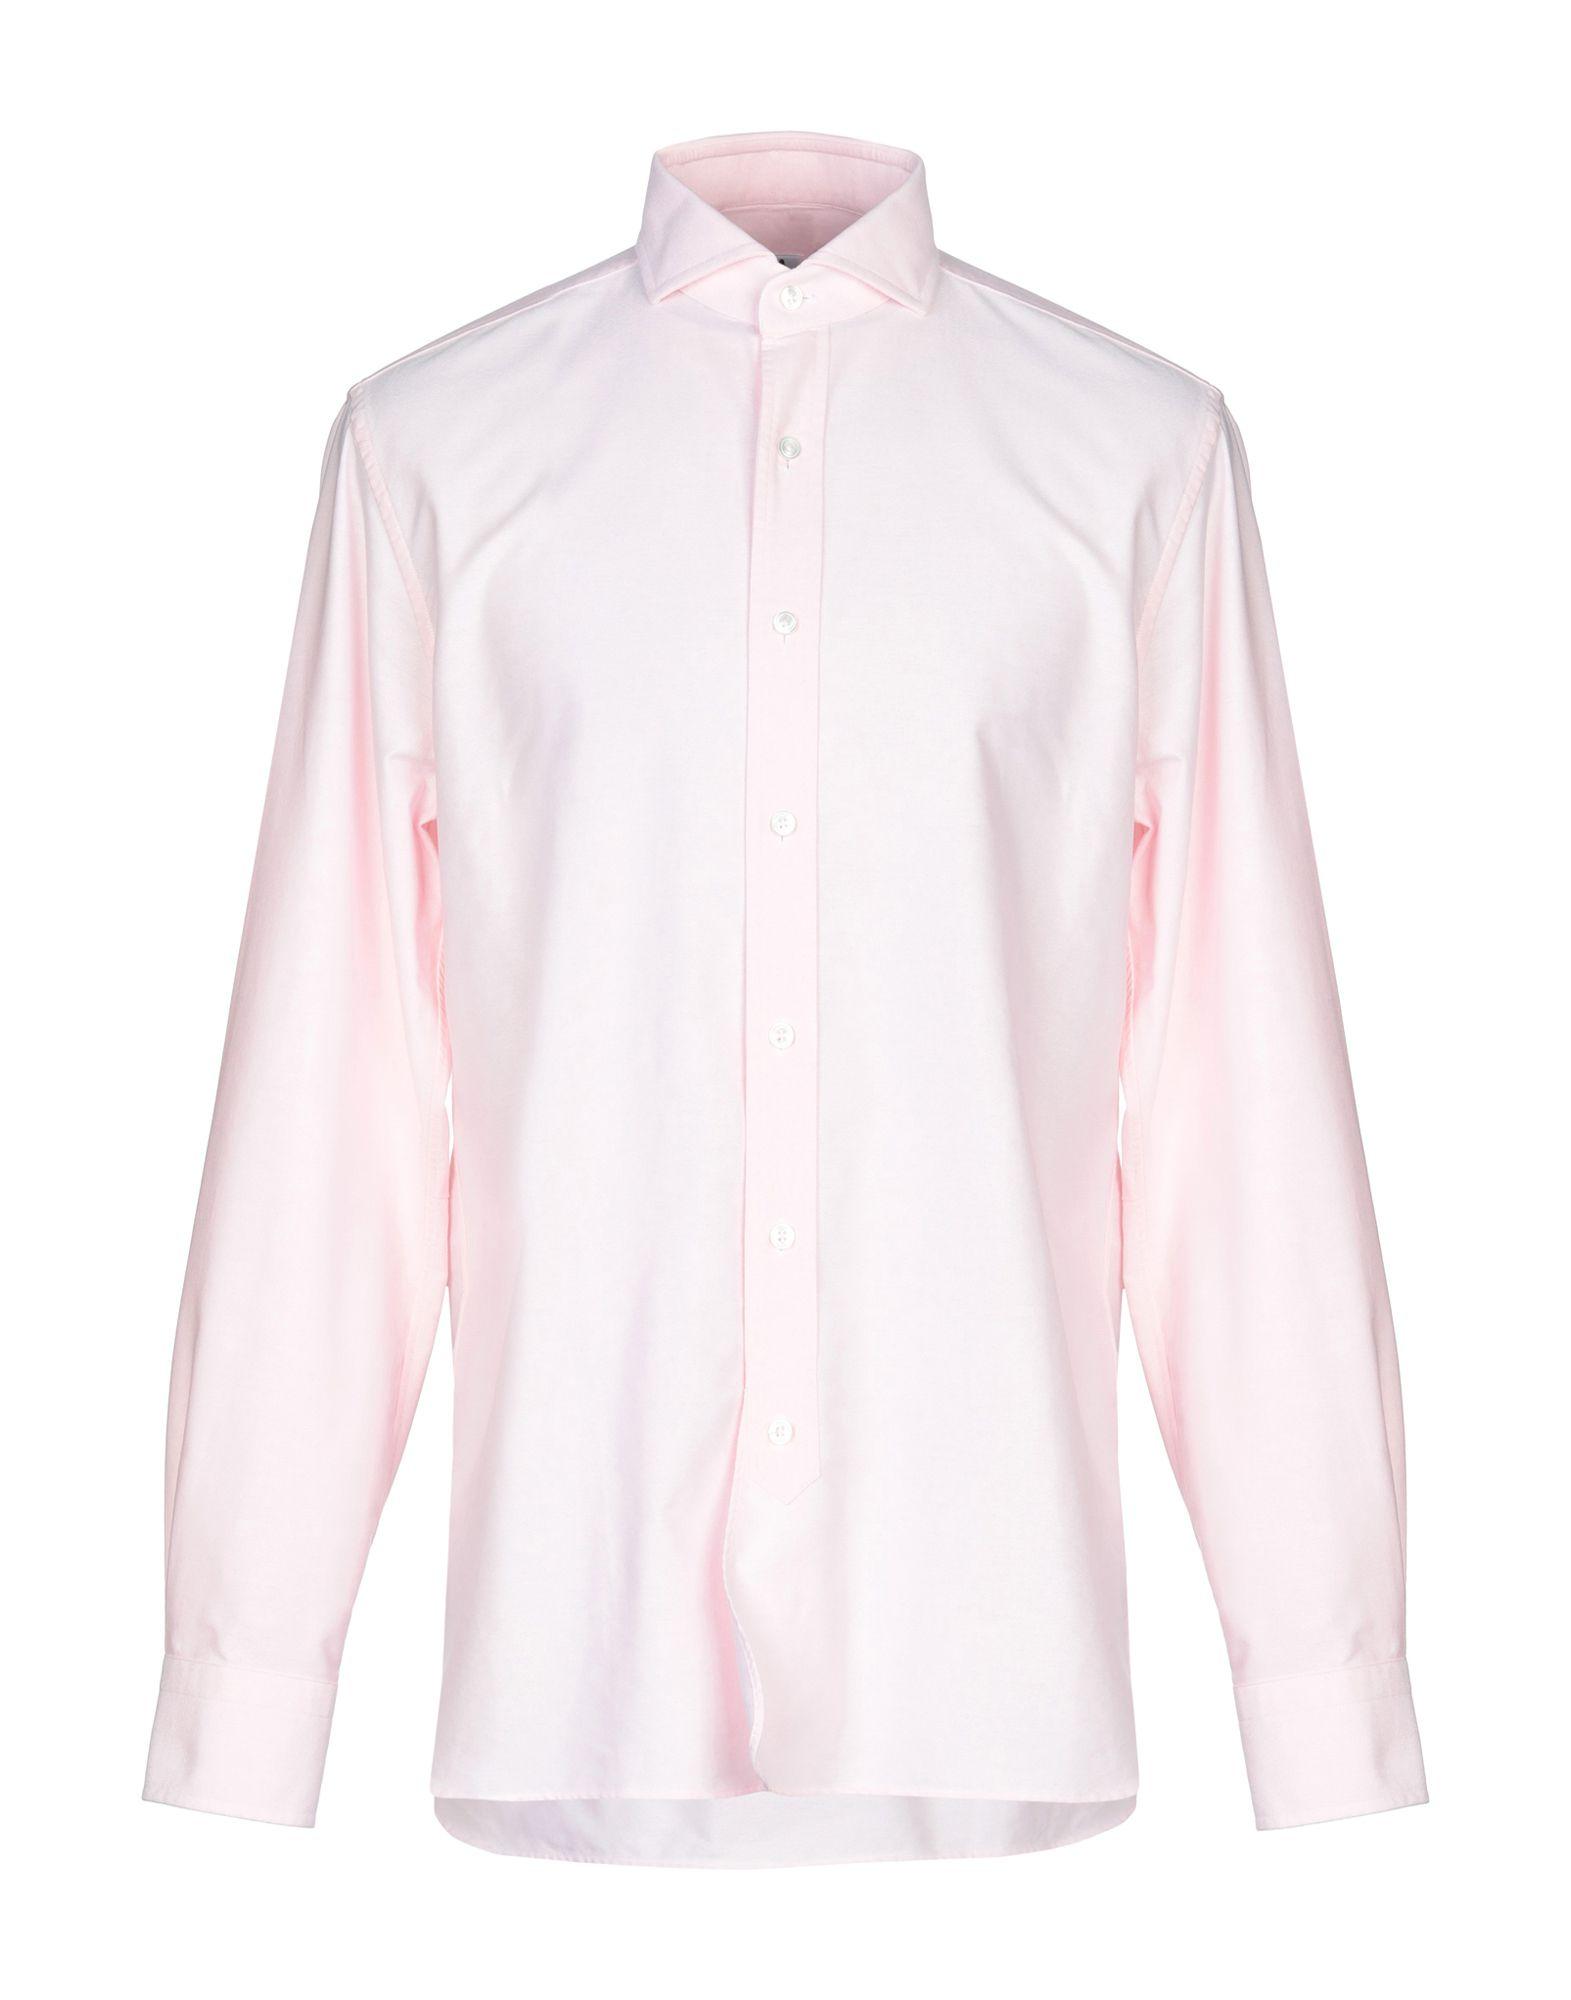 《送料無料》DOPPIAA メンズ シャツ ピンク 41 コットン 100%